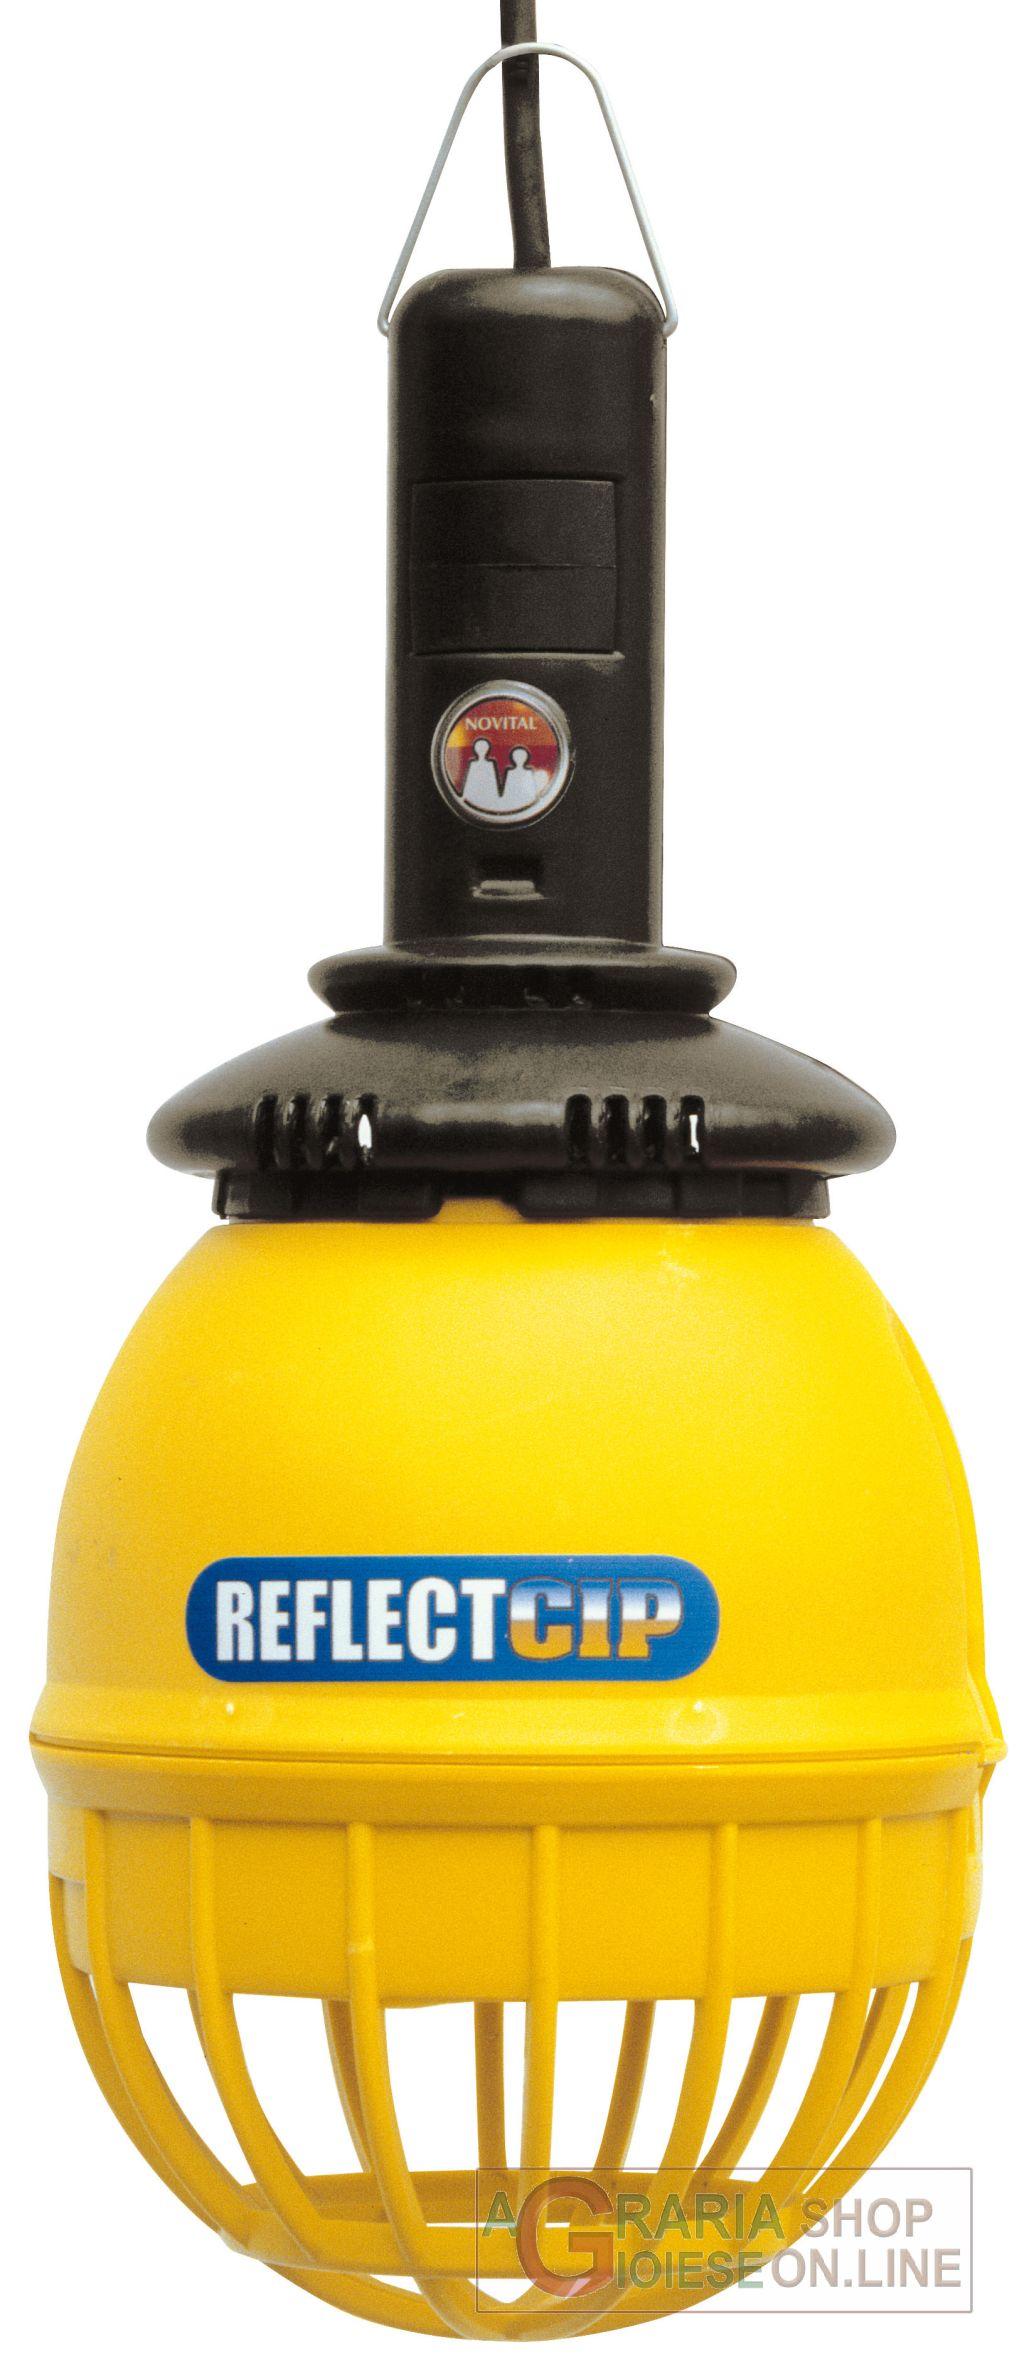 Novital reflettore reflect cip 100 riscaldamento per pulcini for Lampada infrarossi riscaldamento pulcini